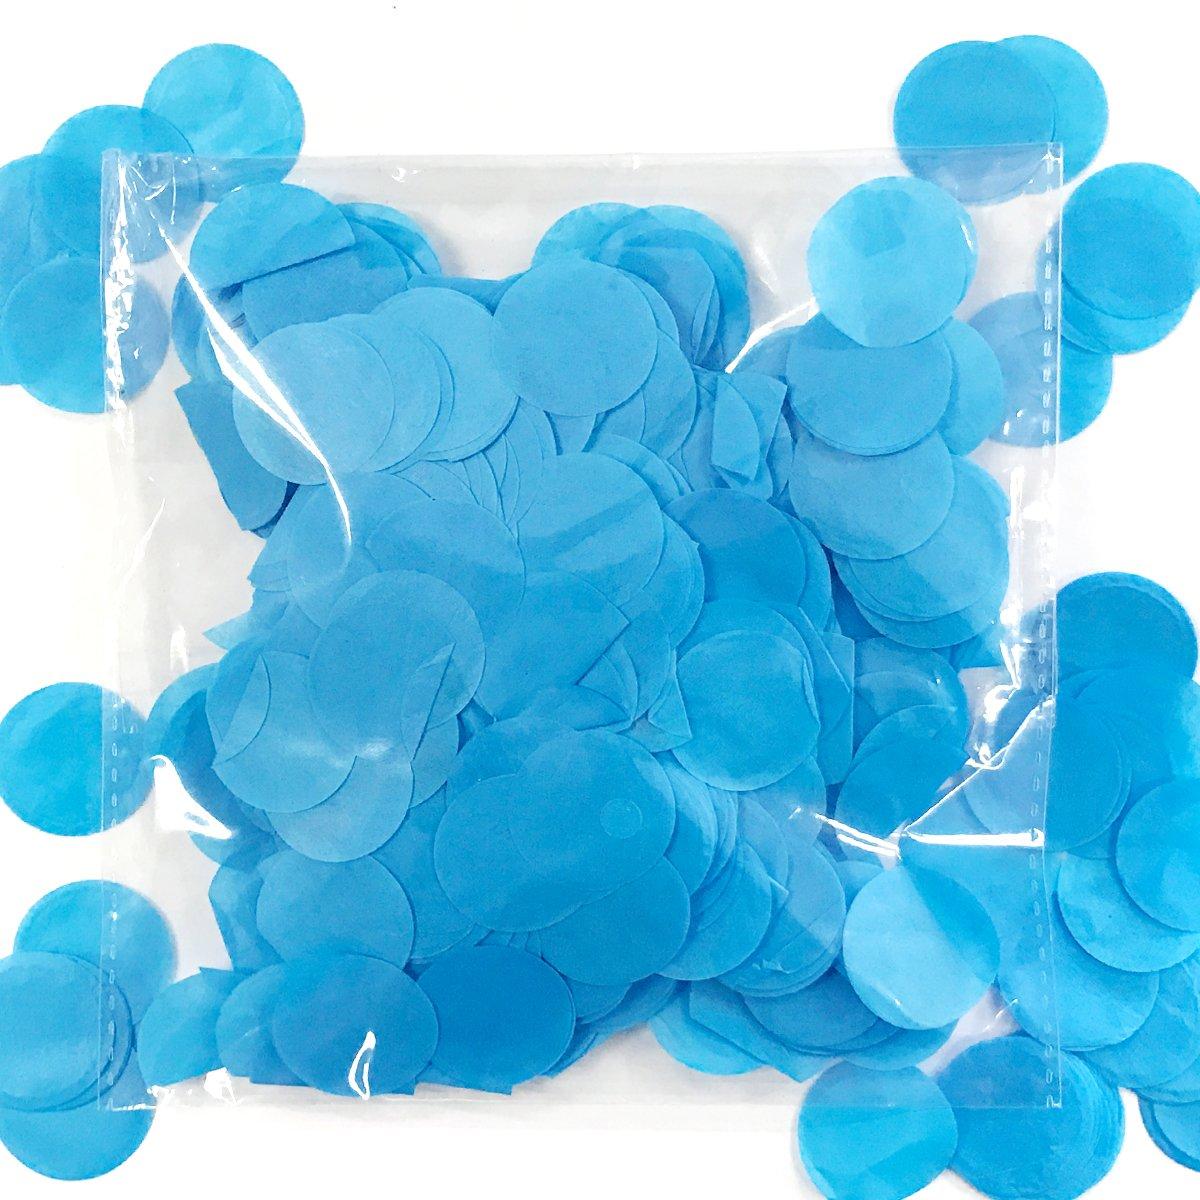 Navy ALLYDREW Round Tissue Paper Confetti 1 Circle Confetti